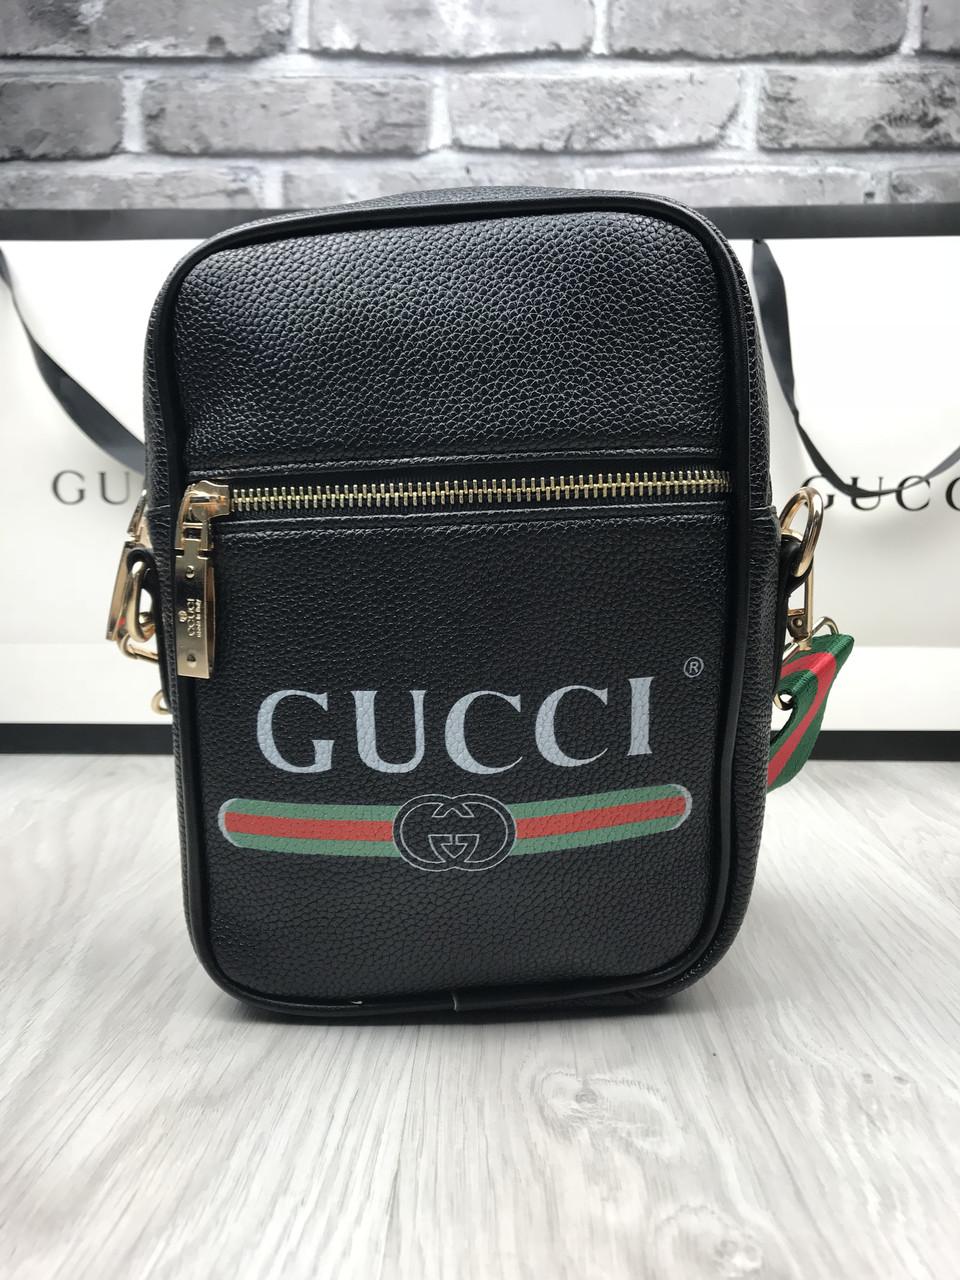 8e284ab39909 Сумка мужская через плечо планшетка брендовая Gucci черная копия высокого  качества - AMARKET - Интернет-